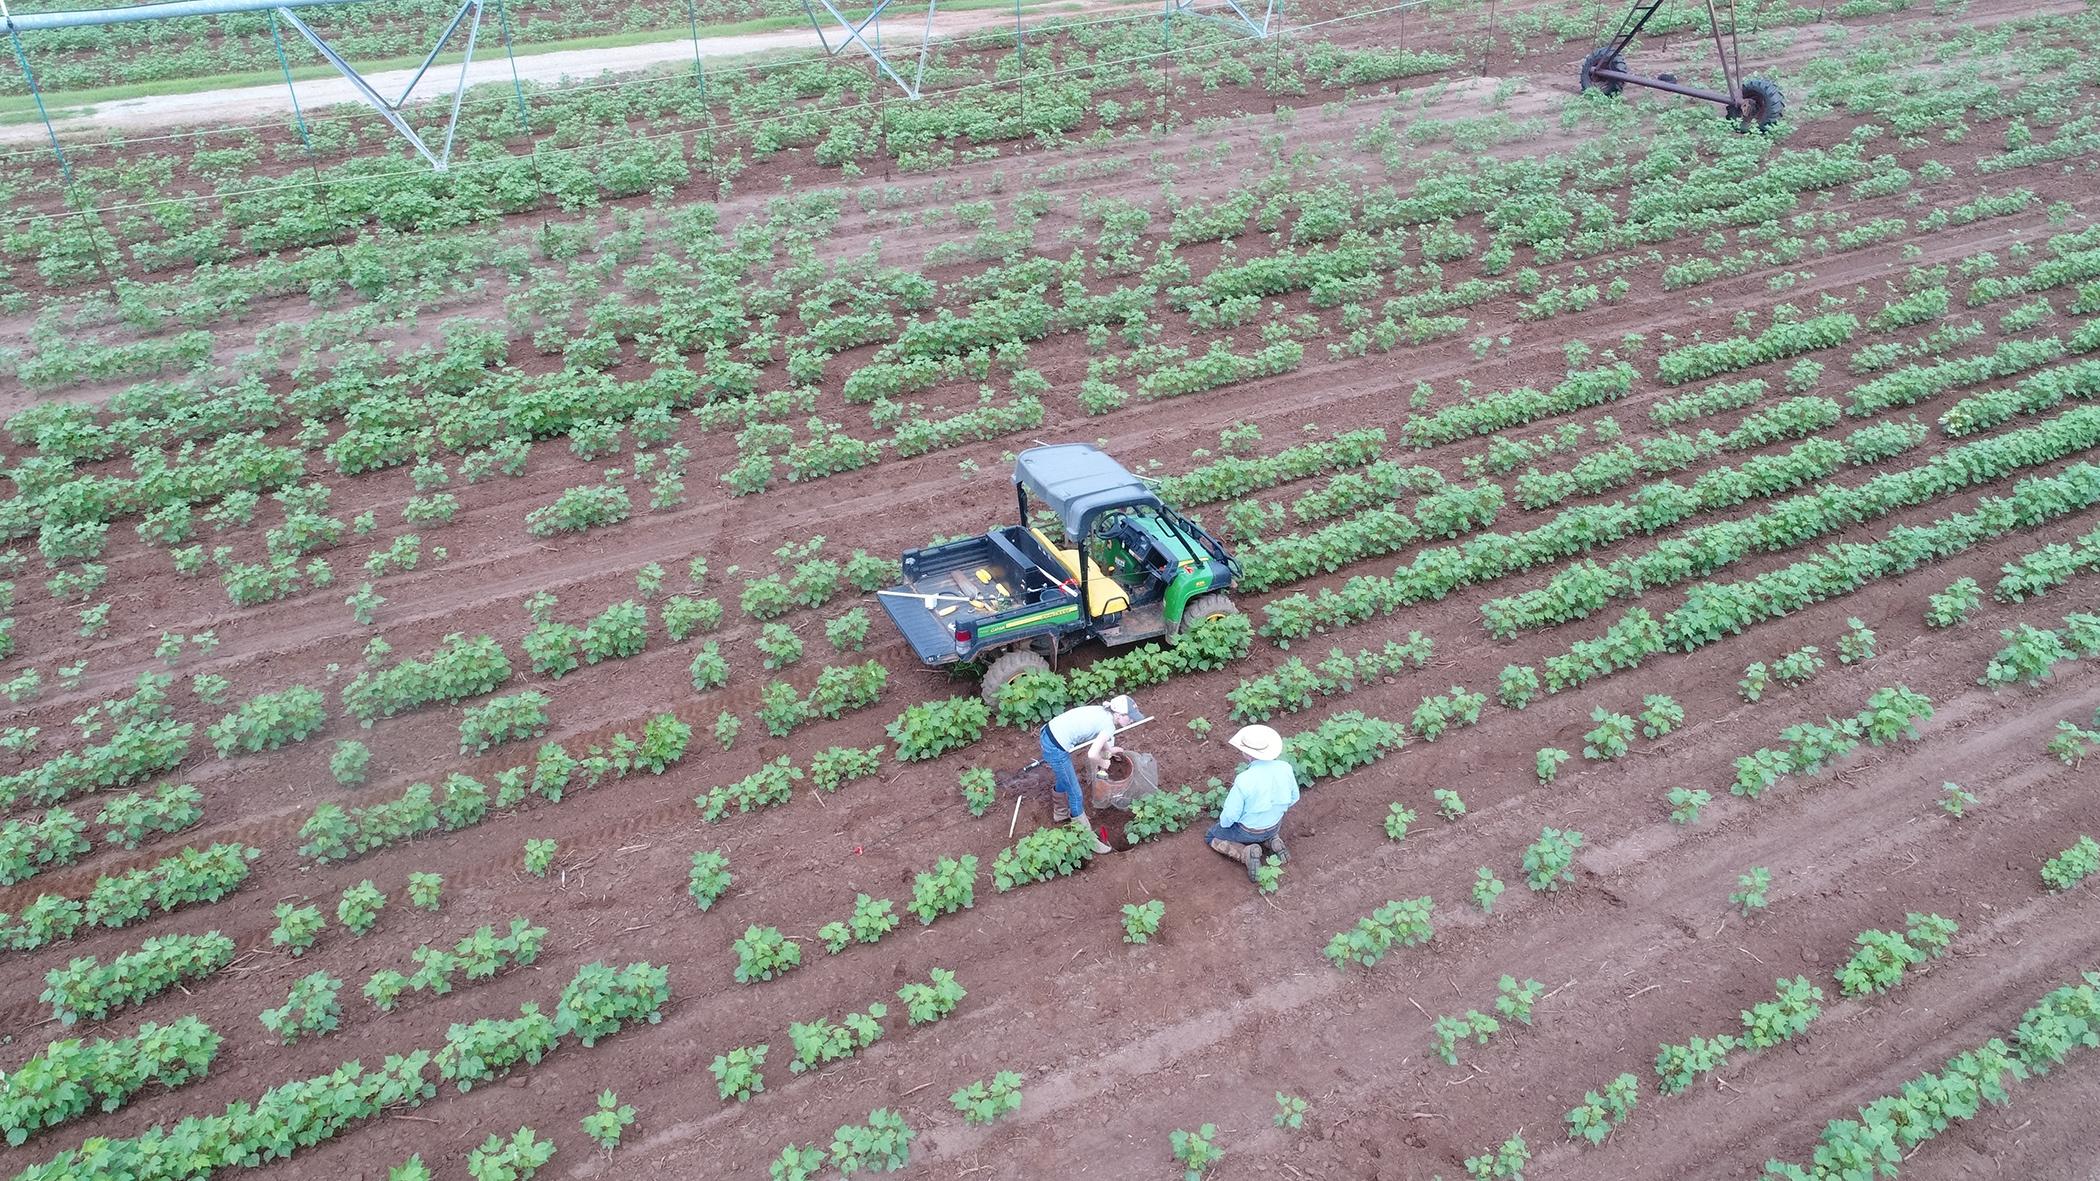 Farmers working their crops on a Georgia farm.